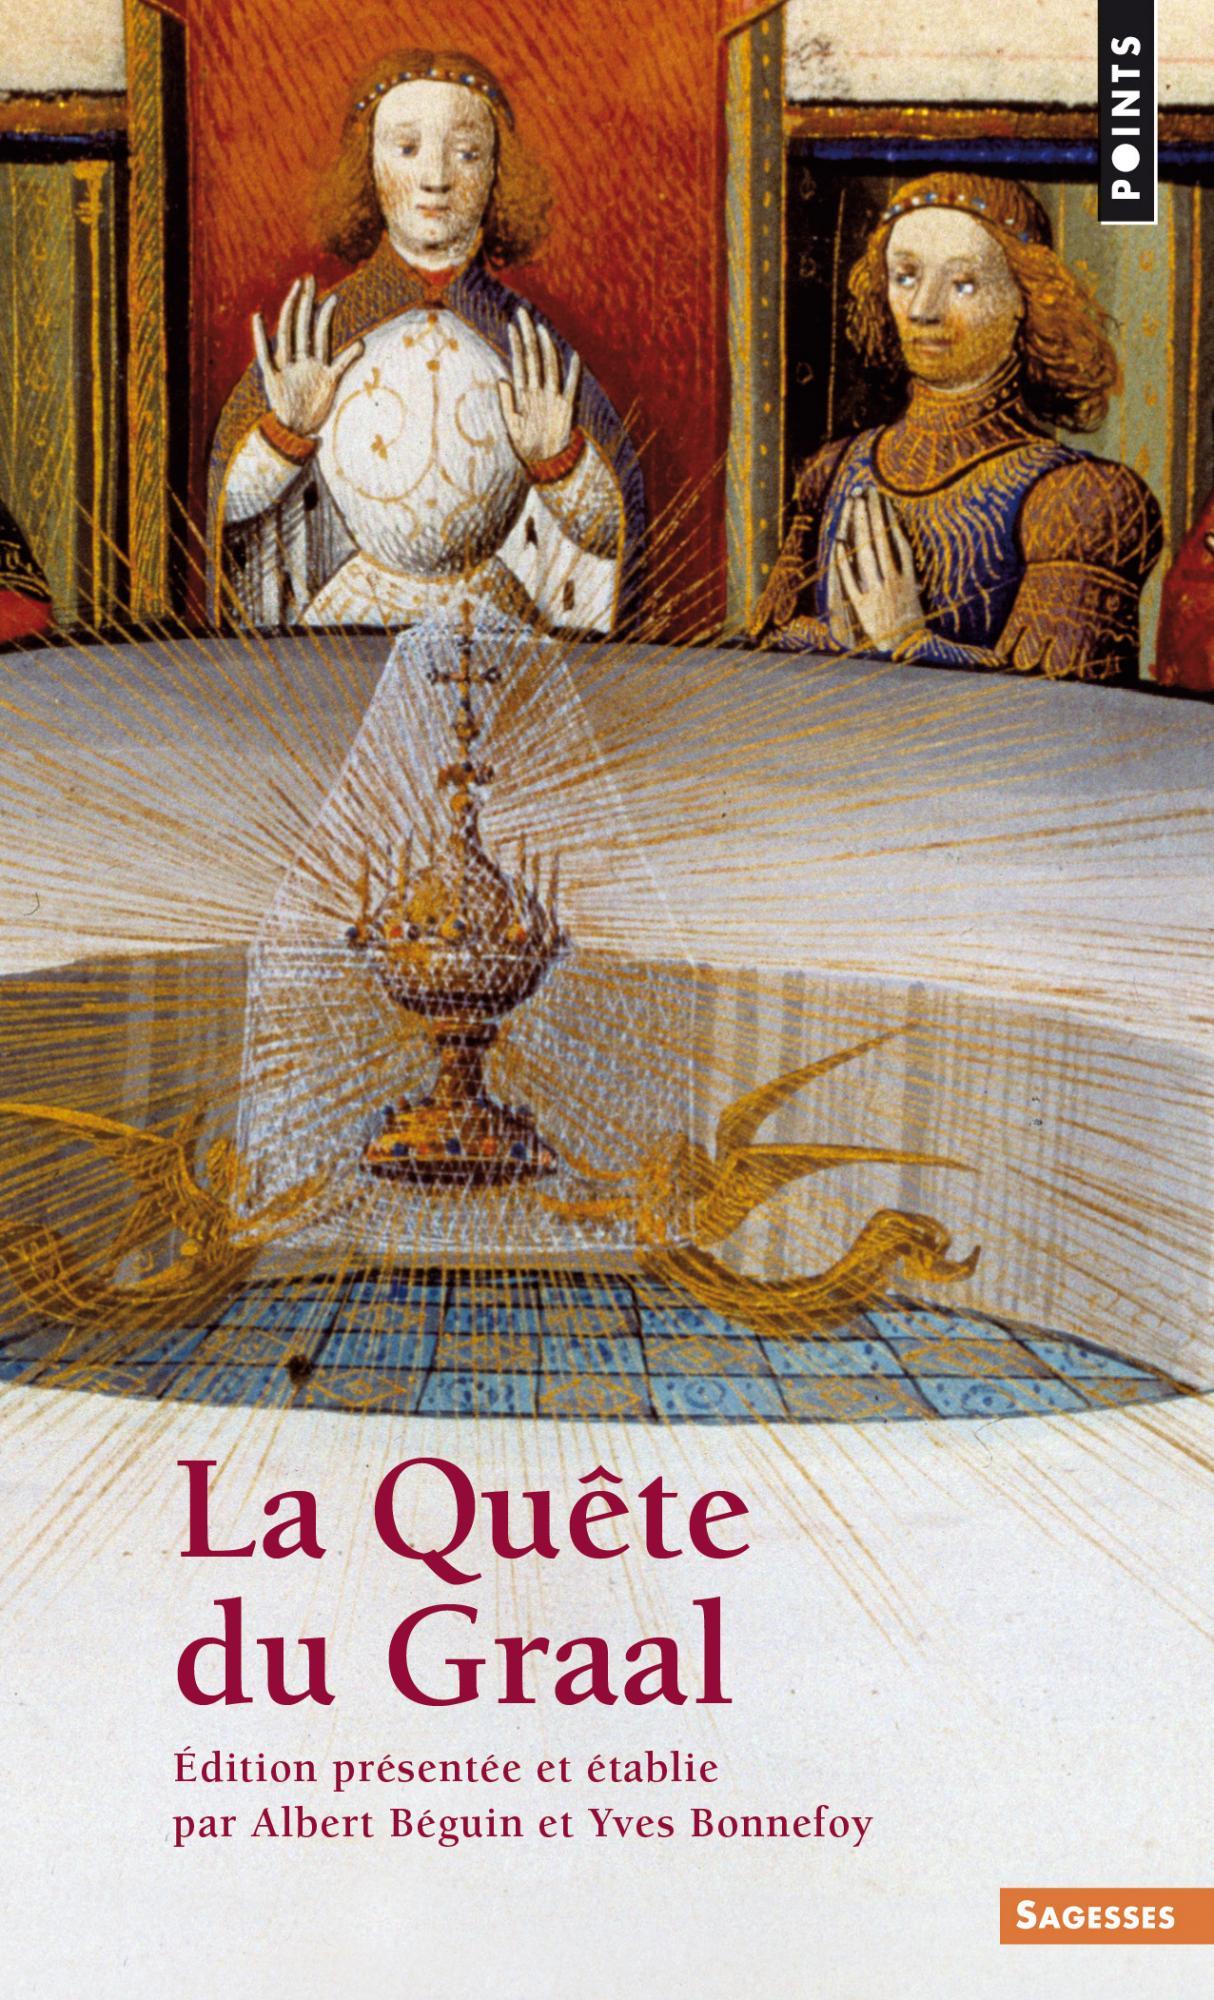 Anonyme, La Quête du Graal (trad. A. Béguin, Y. Bonnefoy)